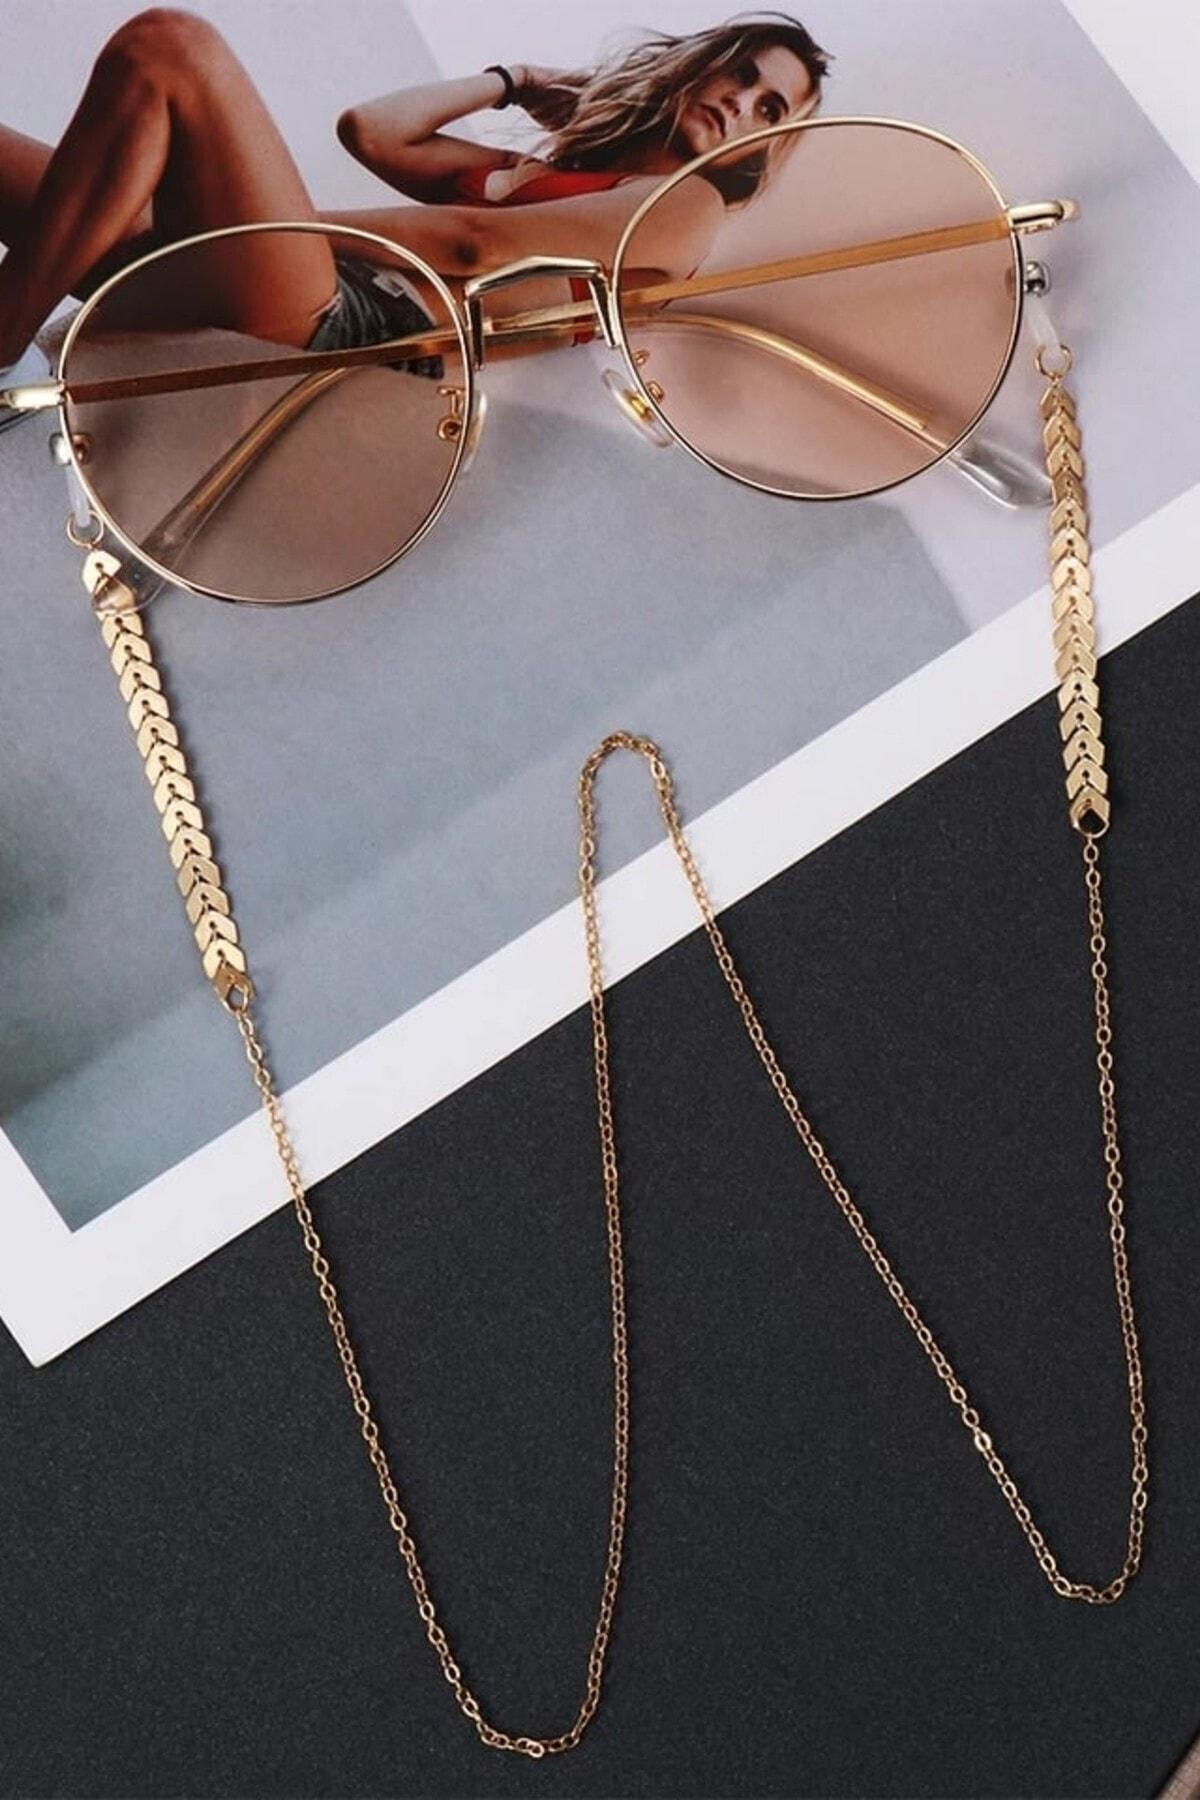 Gold Kaplama Kadın Gözlük Zinciri Tutucu 75 Cm